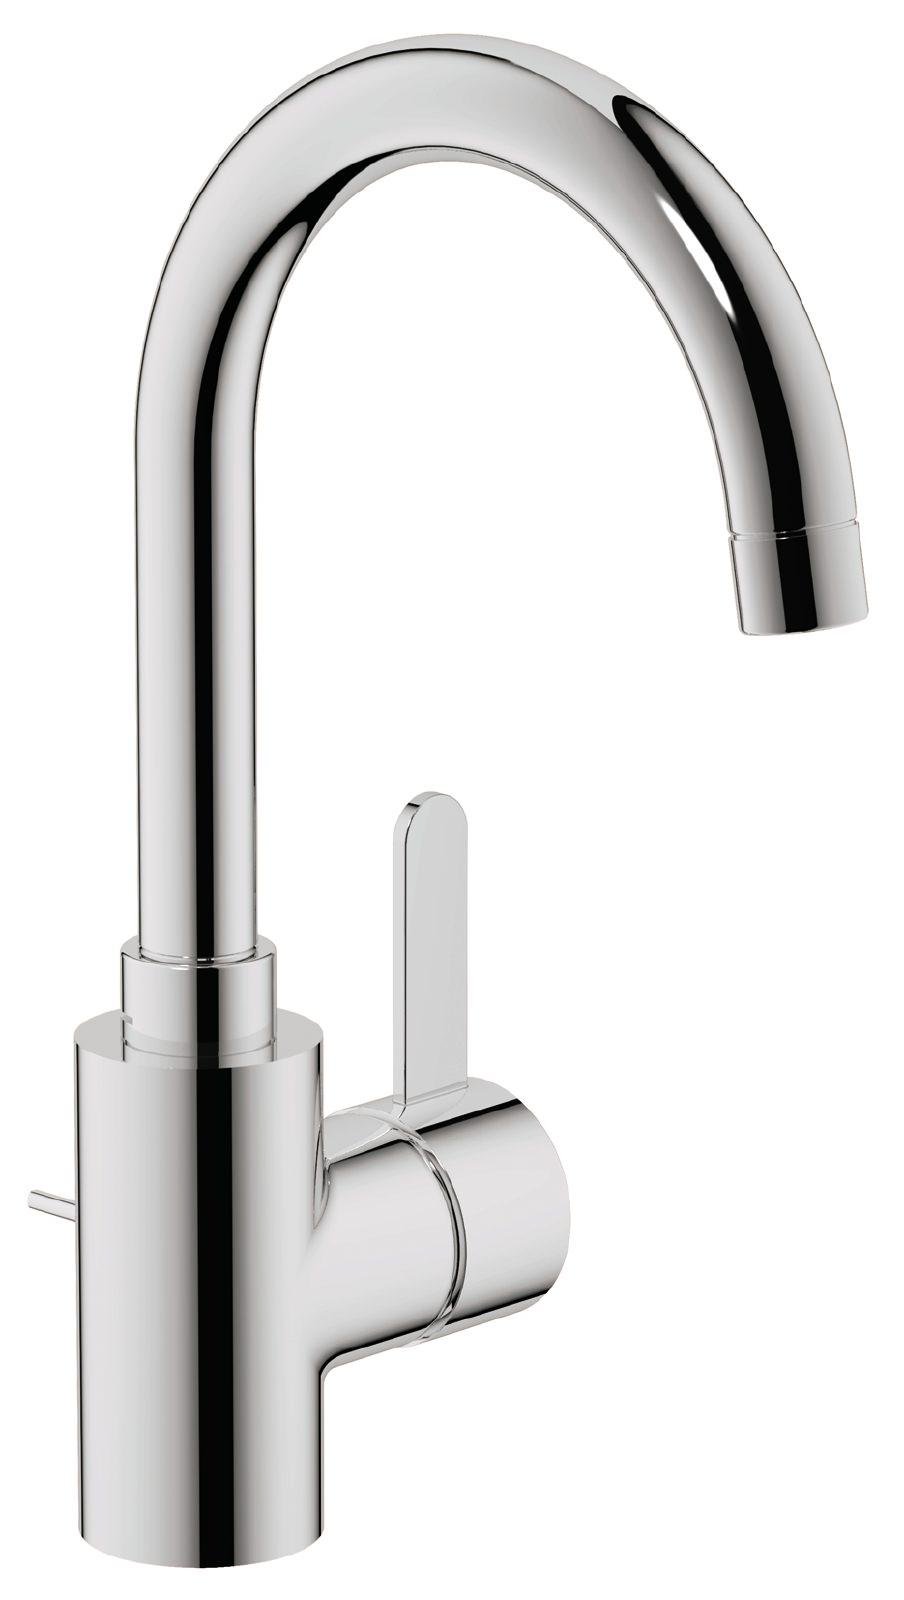 Full Size of Grohe 32830000 Wasserhahn Eurosmart Cosmopolitan Calmwaters Bad Küche Dusche Wandanschluss Für Thermostat Wohnzimmer Grohe Wasserhahn